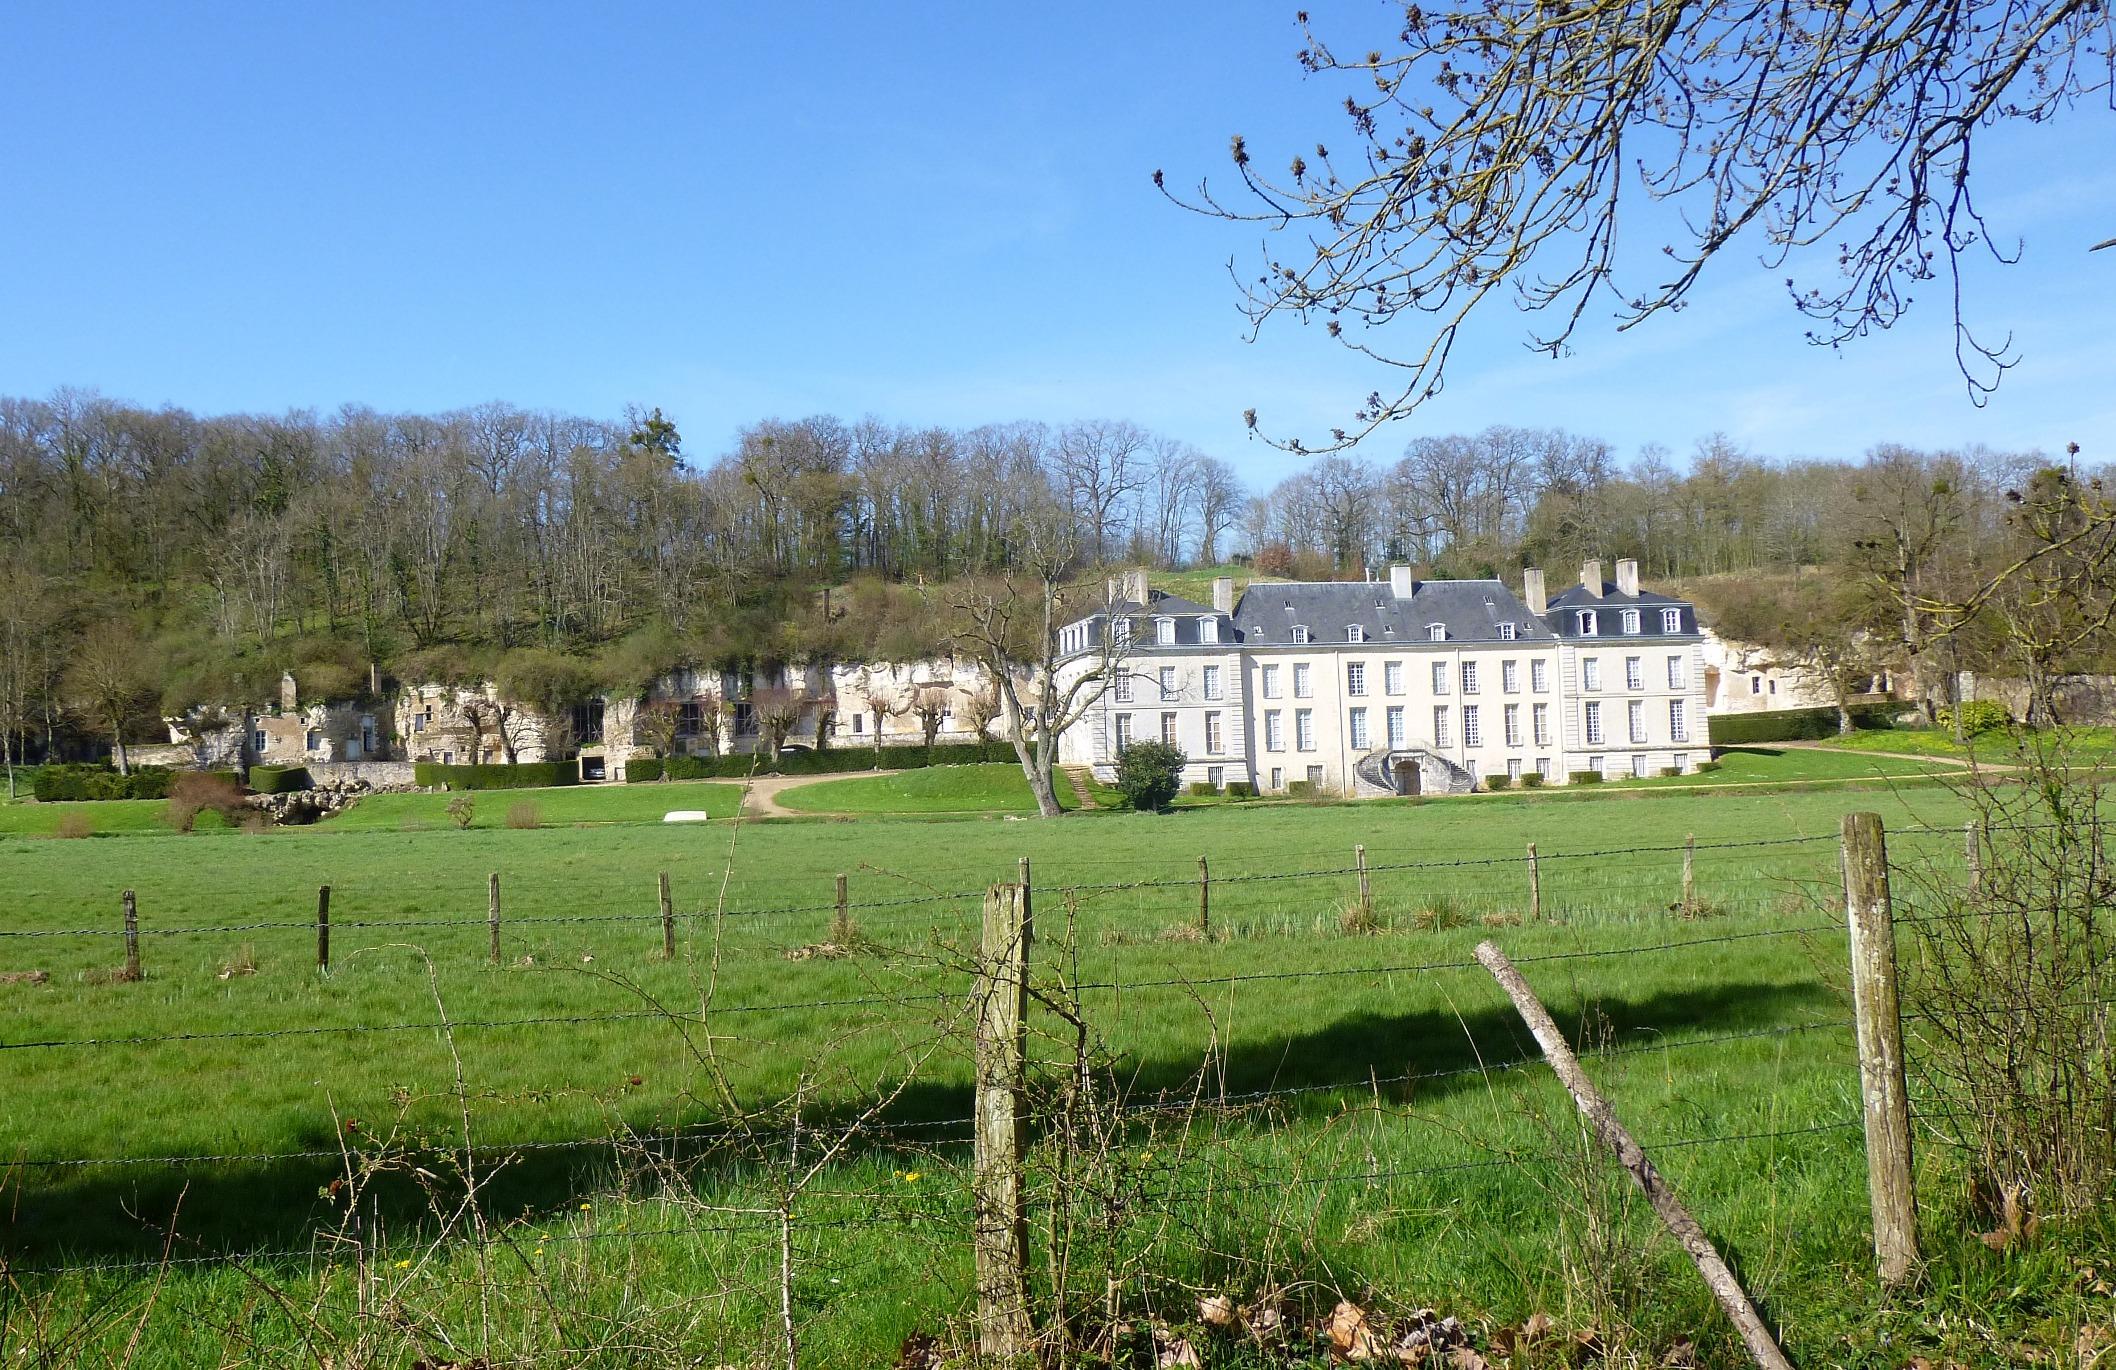 389-chateau_de_rochambeau.jpg